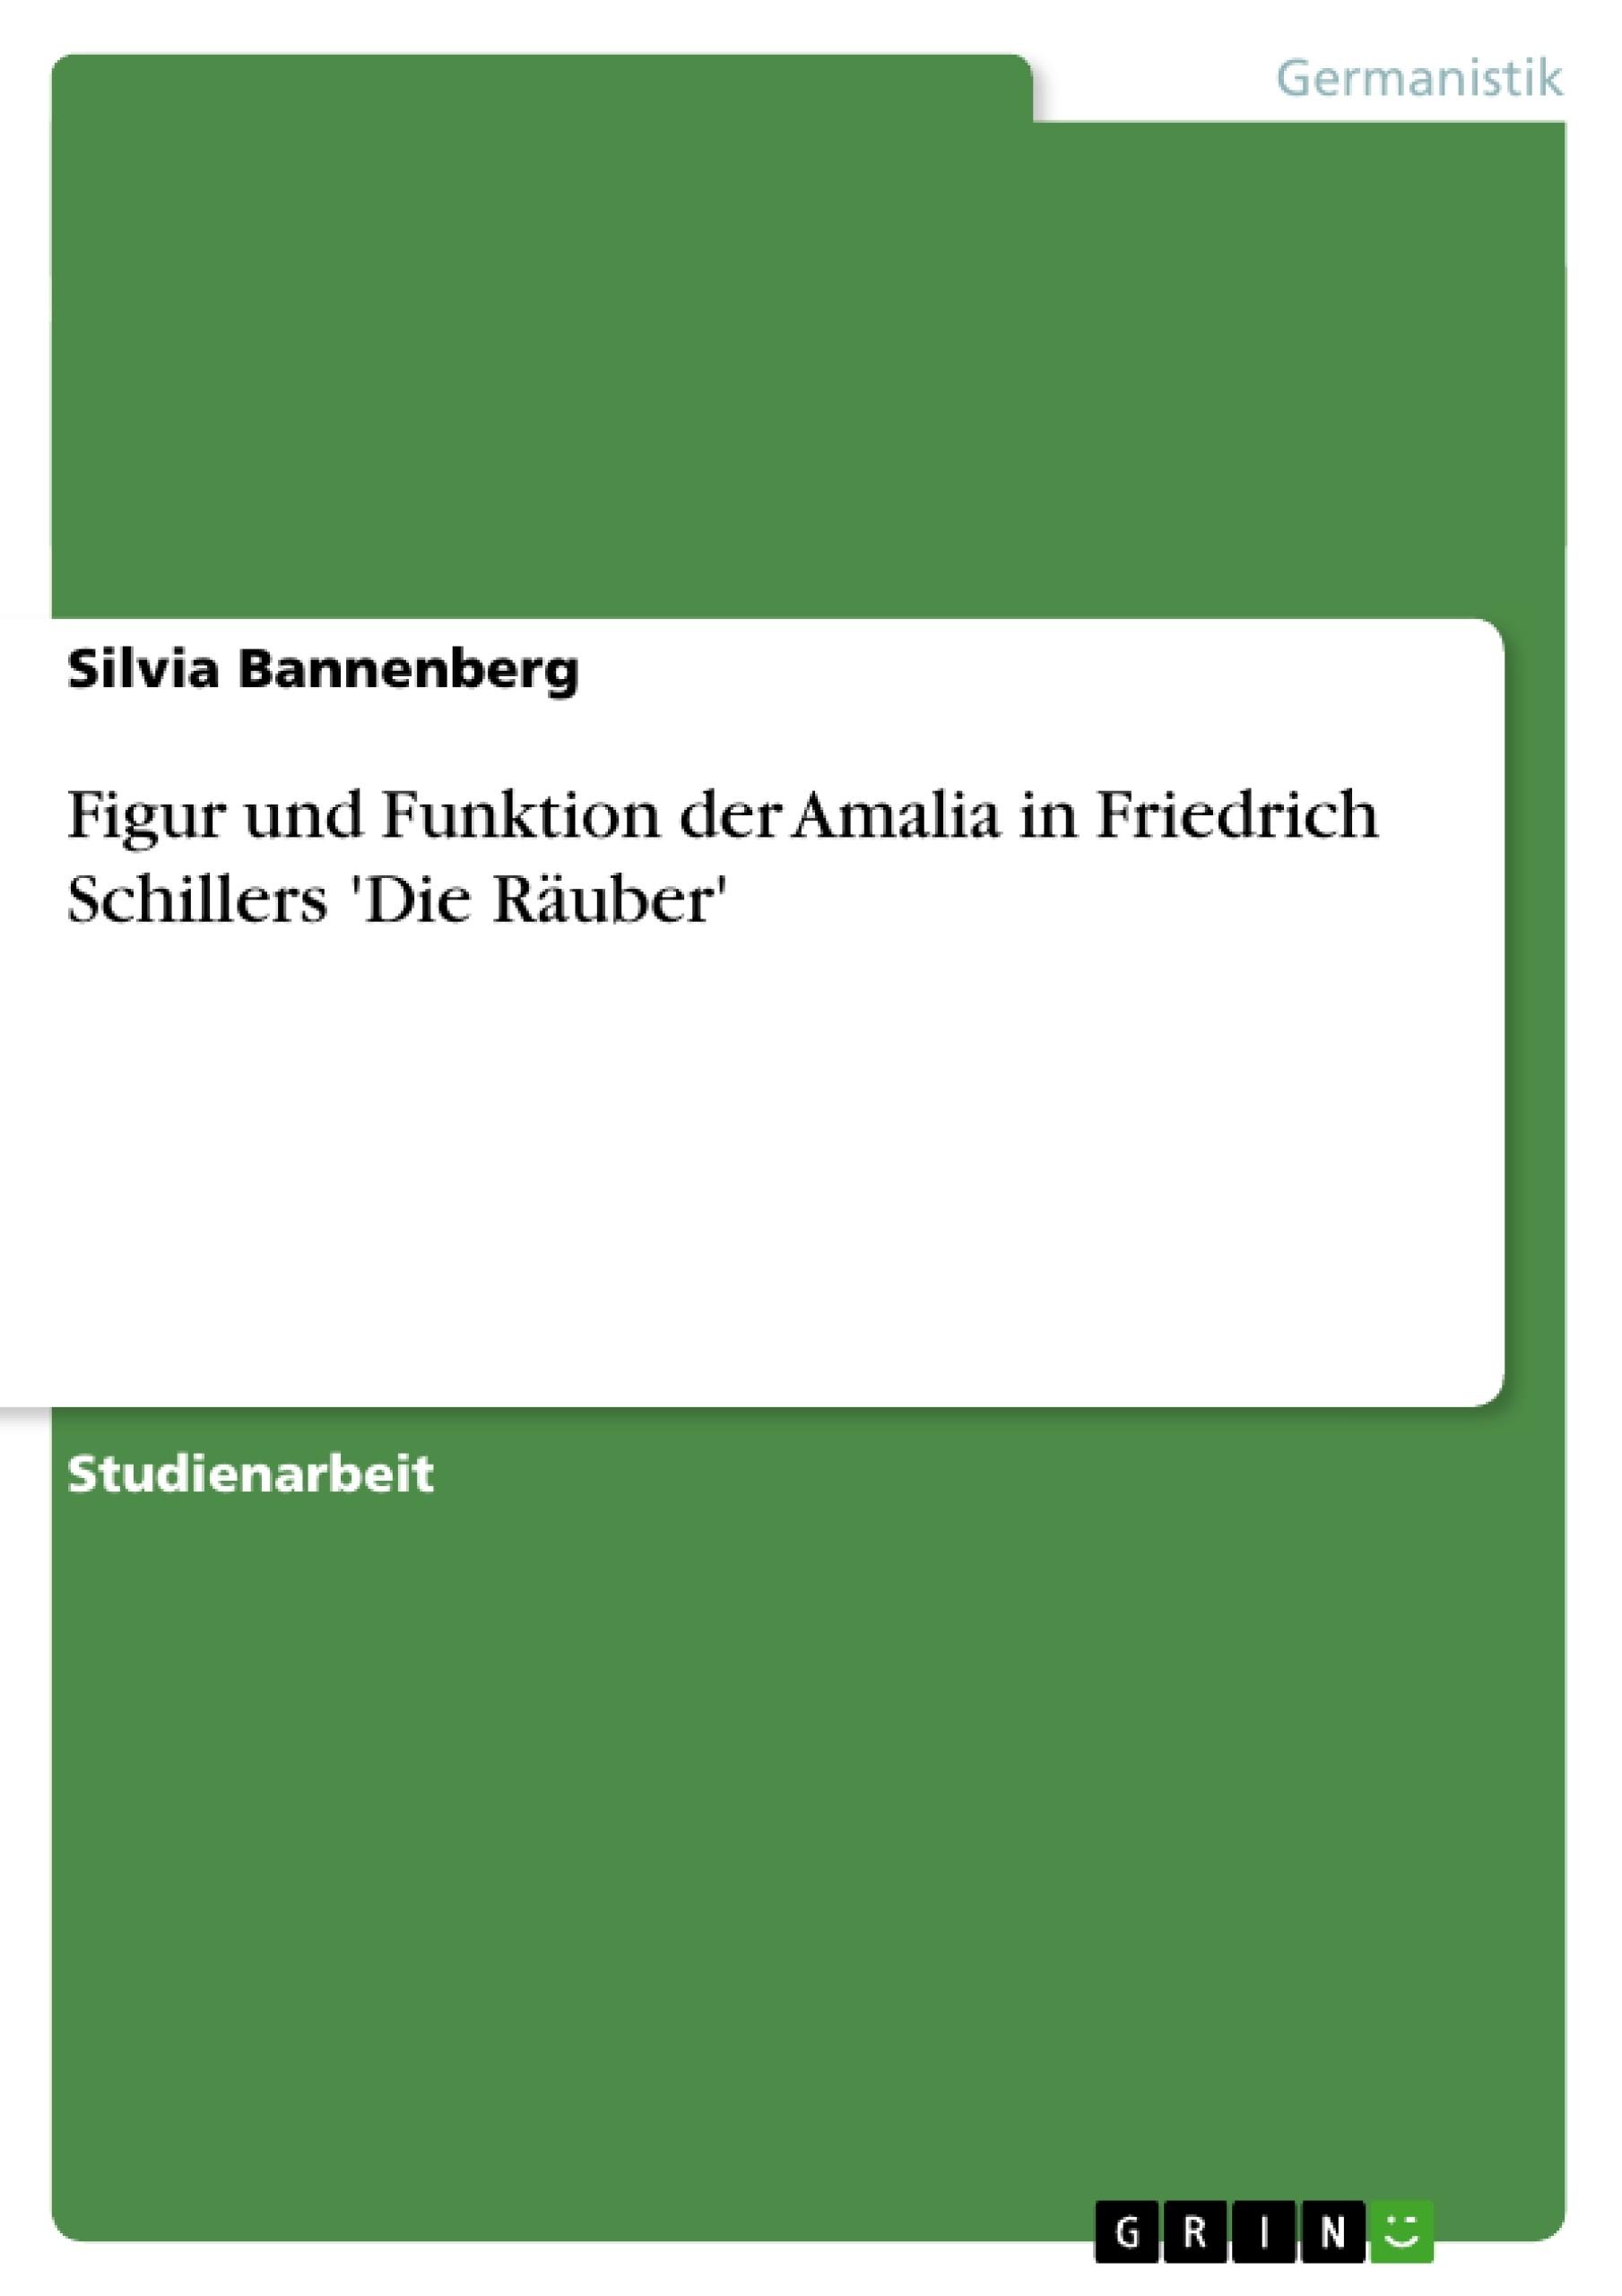 Titel: Figur und Funktion der Amalia in Friedrich Schillers 'Die Räuber'